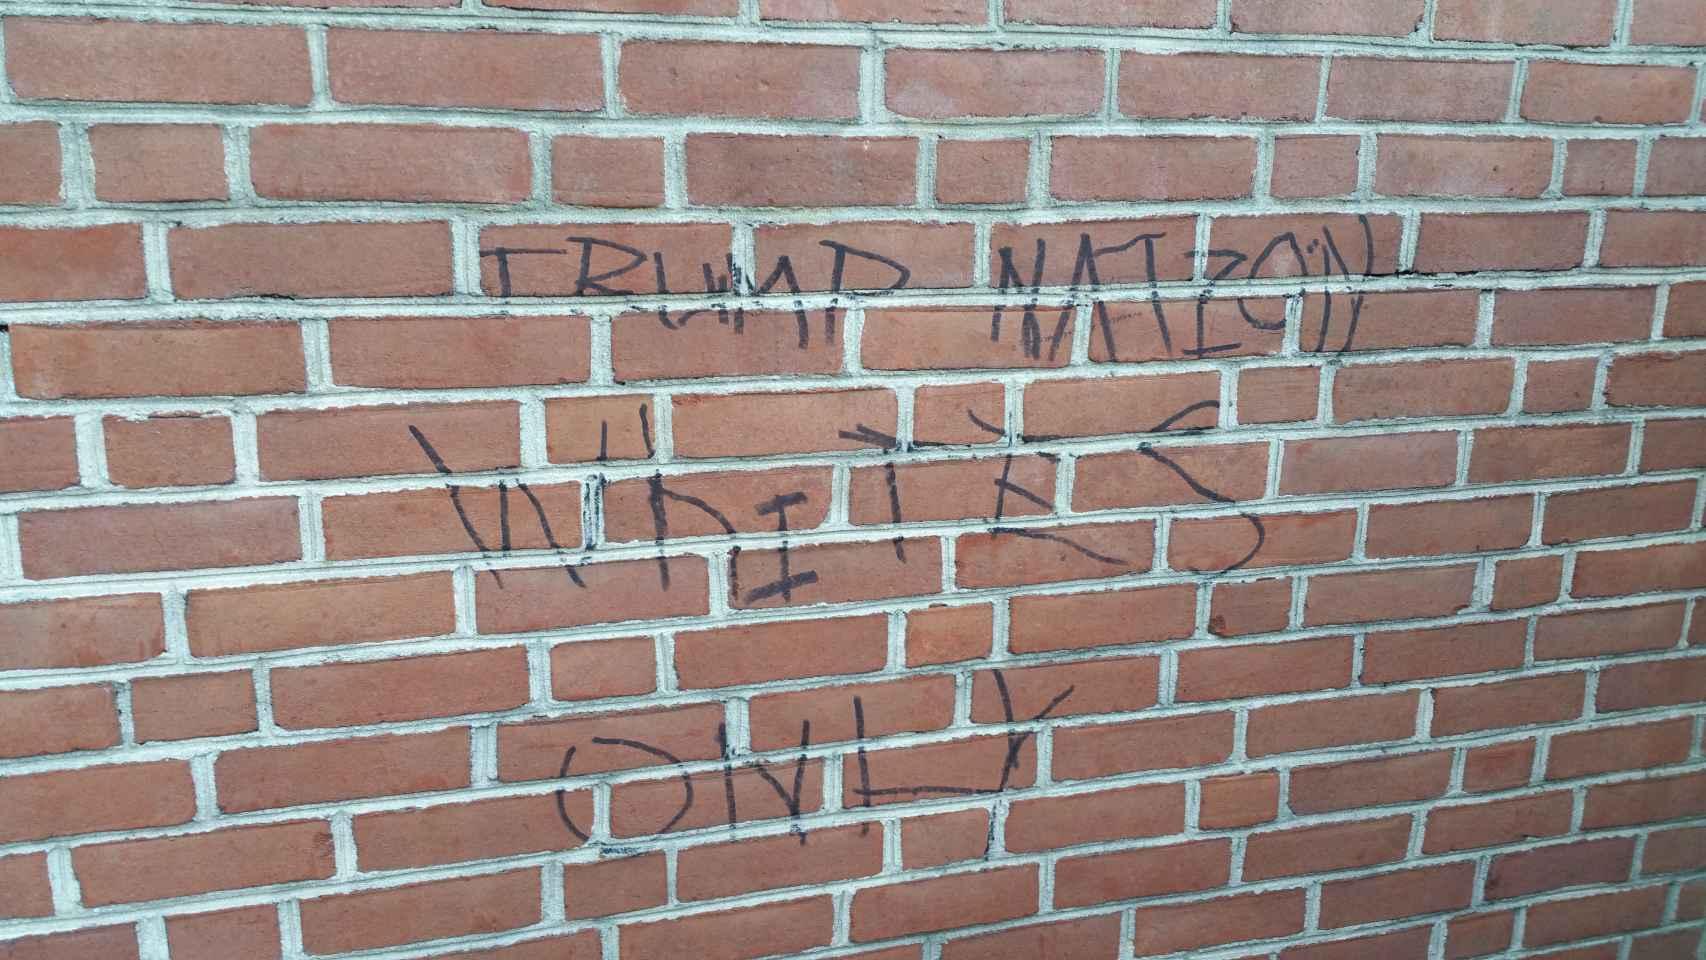 Otra pintada racista en la pared exterior de la Iglesia Episcopal de Nuestro Salvador.